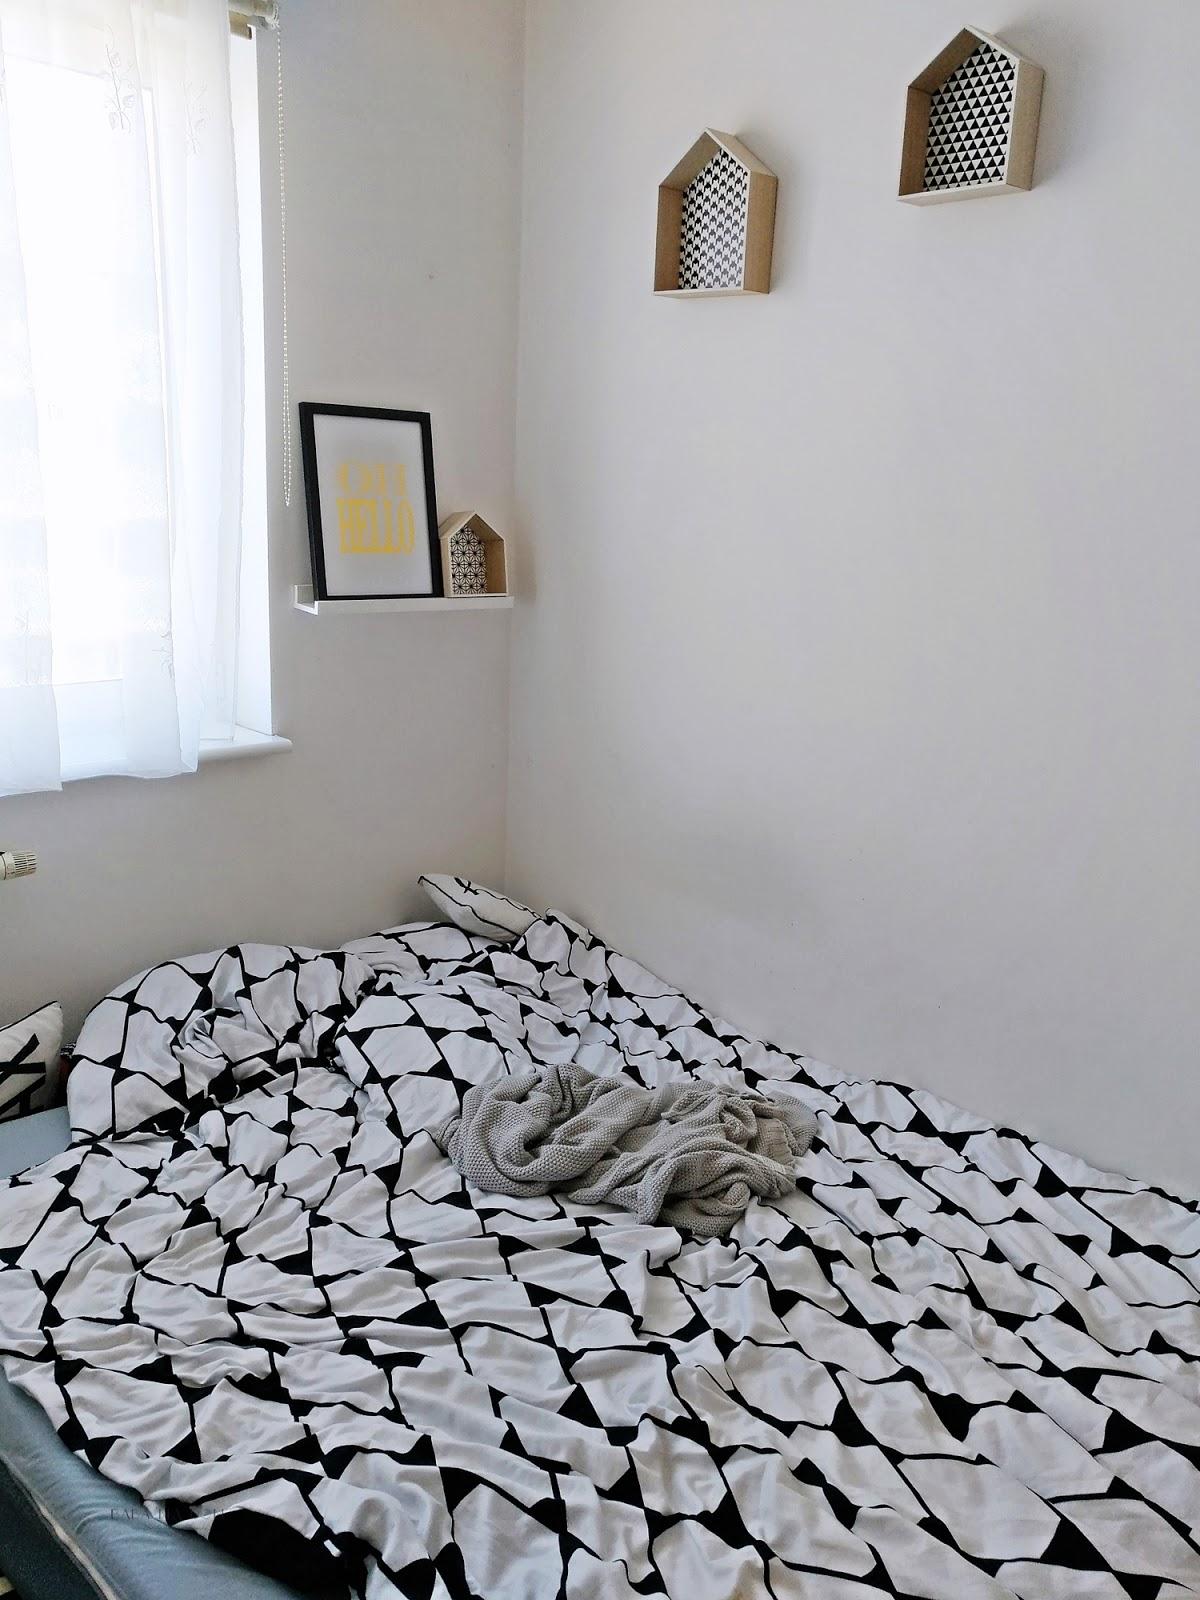 aranżacje wnętrz, babajedzie, babamadom, design, DIY, doityourself, featured, kampania baby, magnat, majsterkowanie, metamorfozy, pokój, sypialnia, śnieżka, wnętrza, zrób to sam, malowanie,